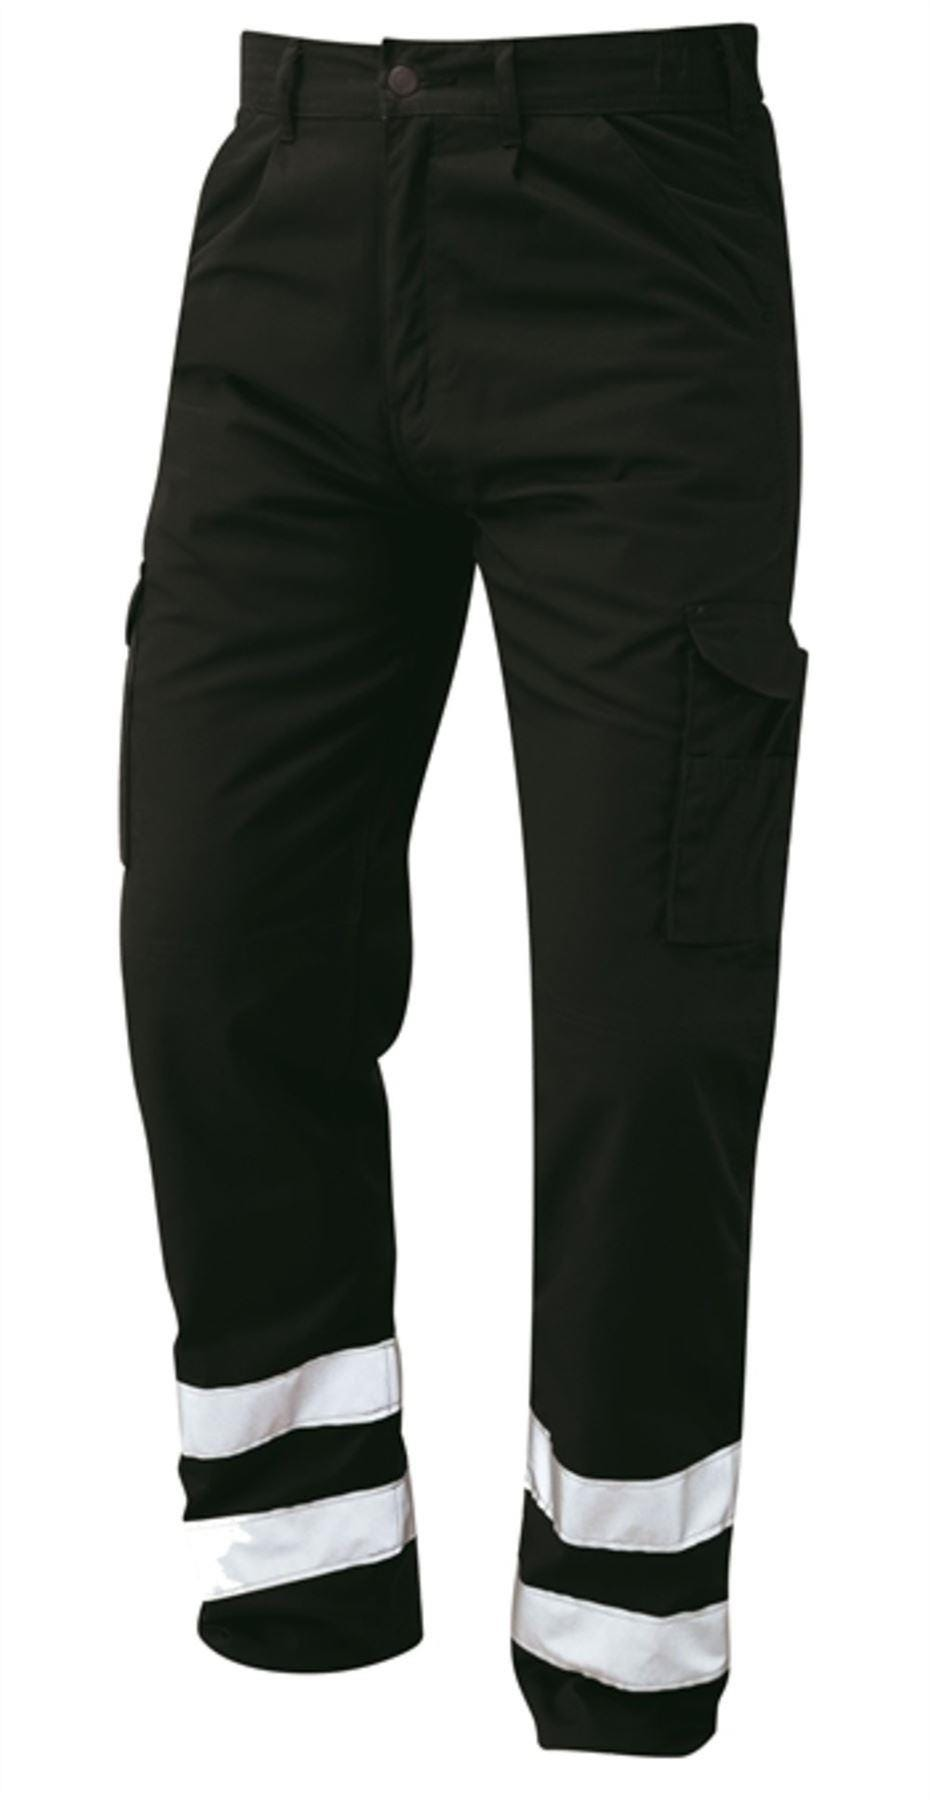 Orn Condor Hi Vis Kneepad Trousers - Black|54W29L